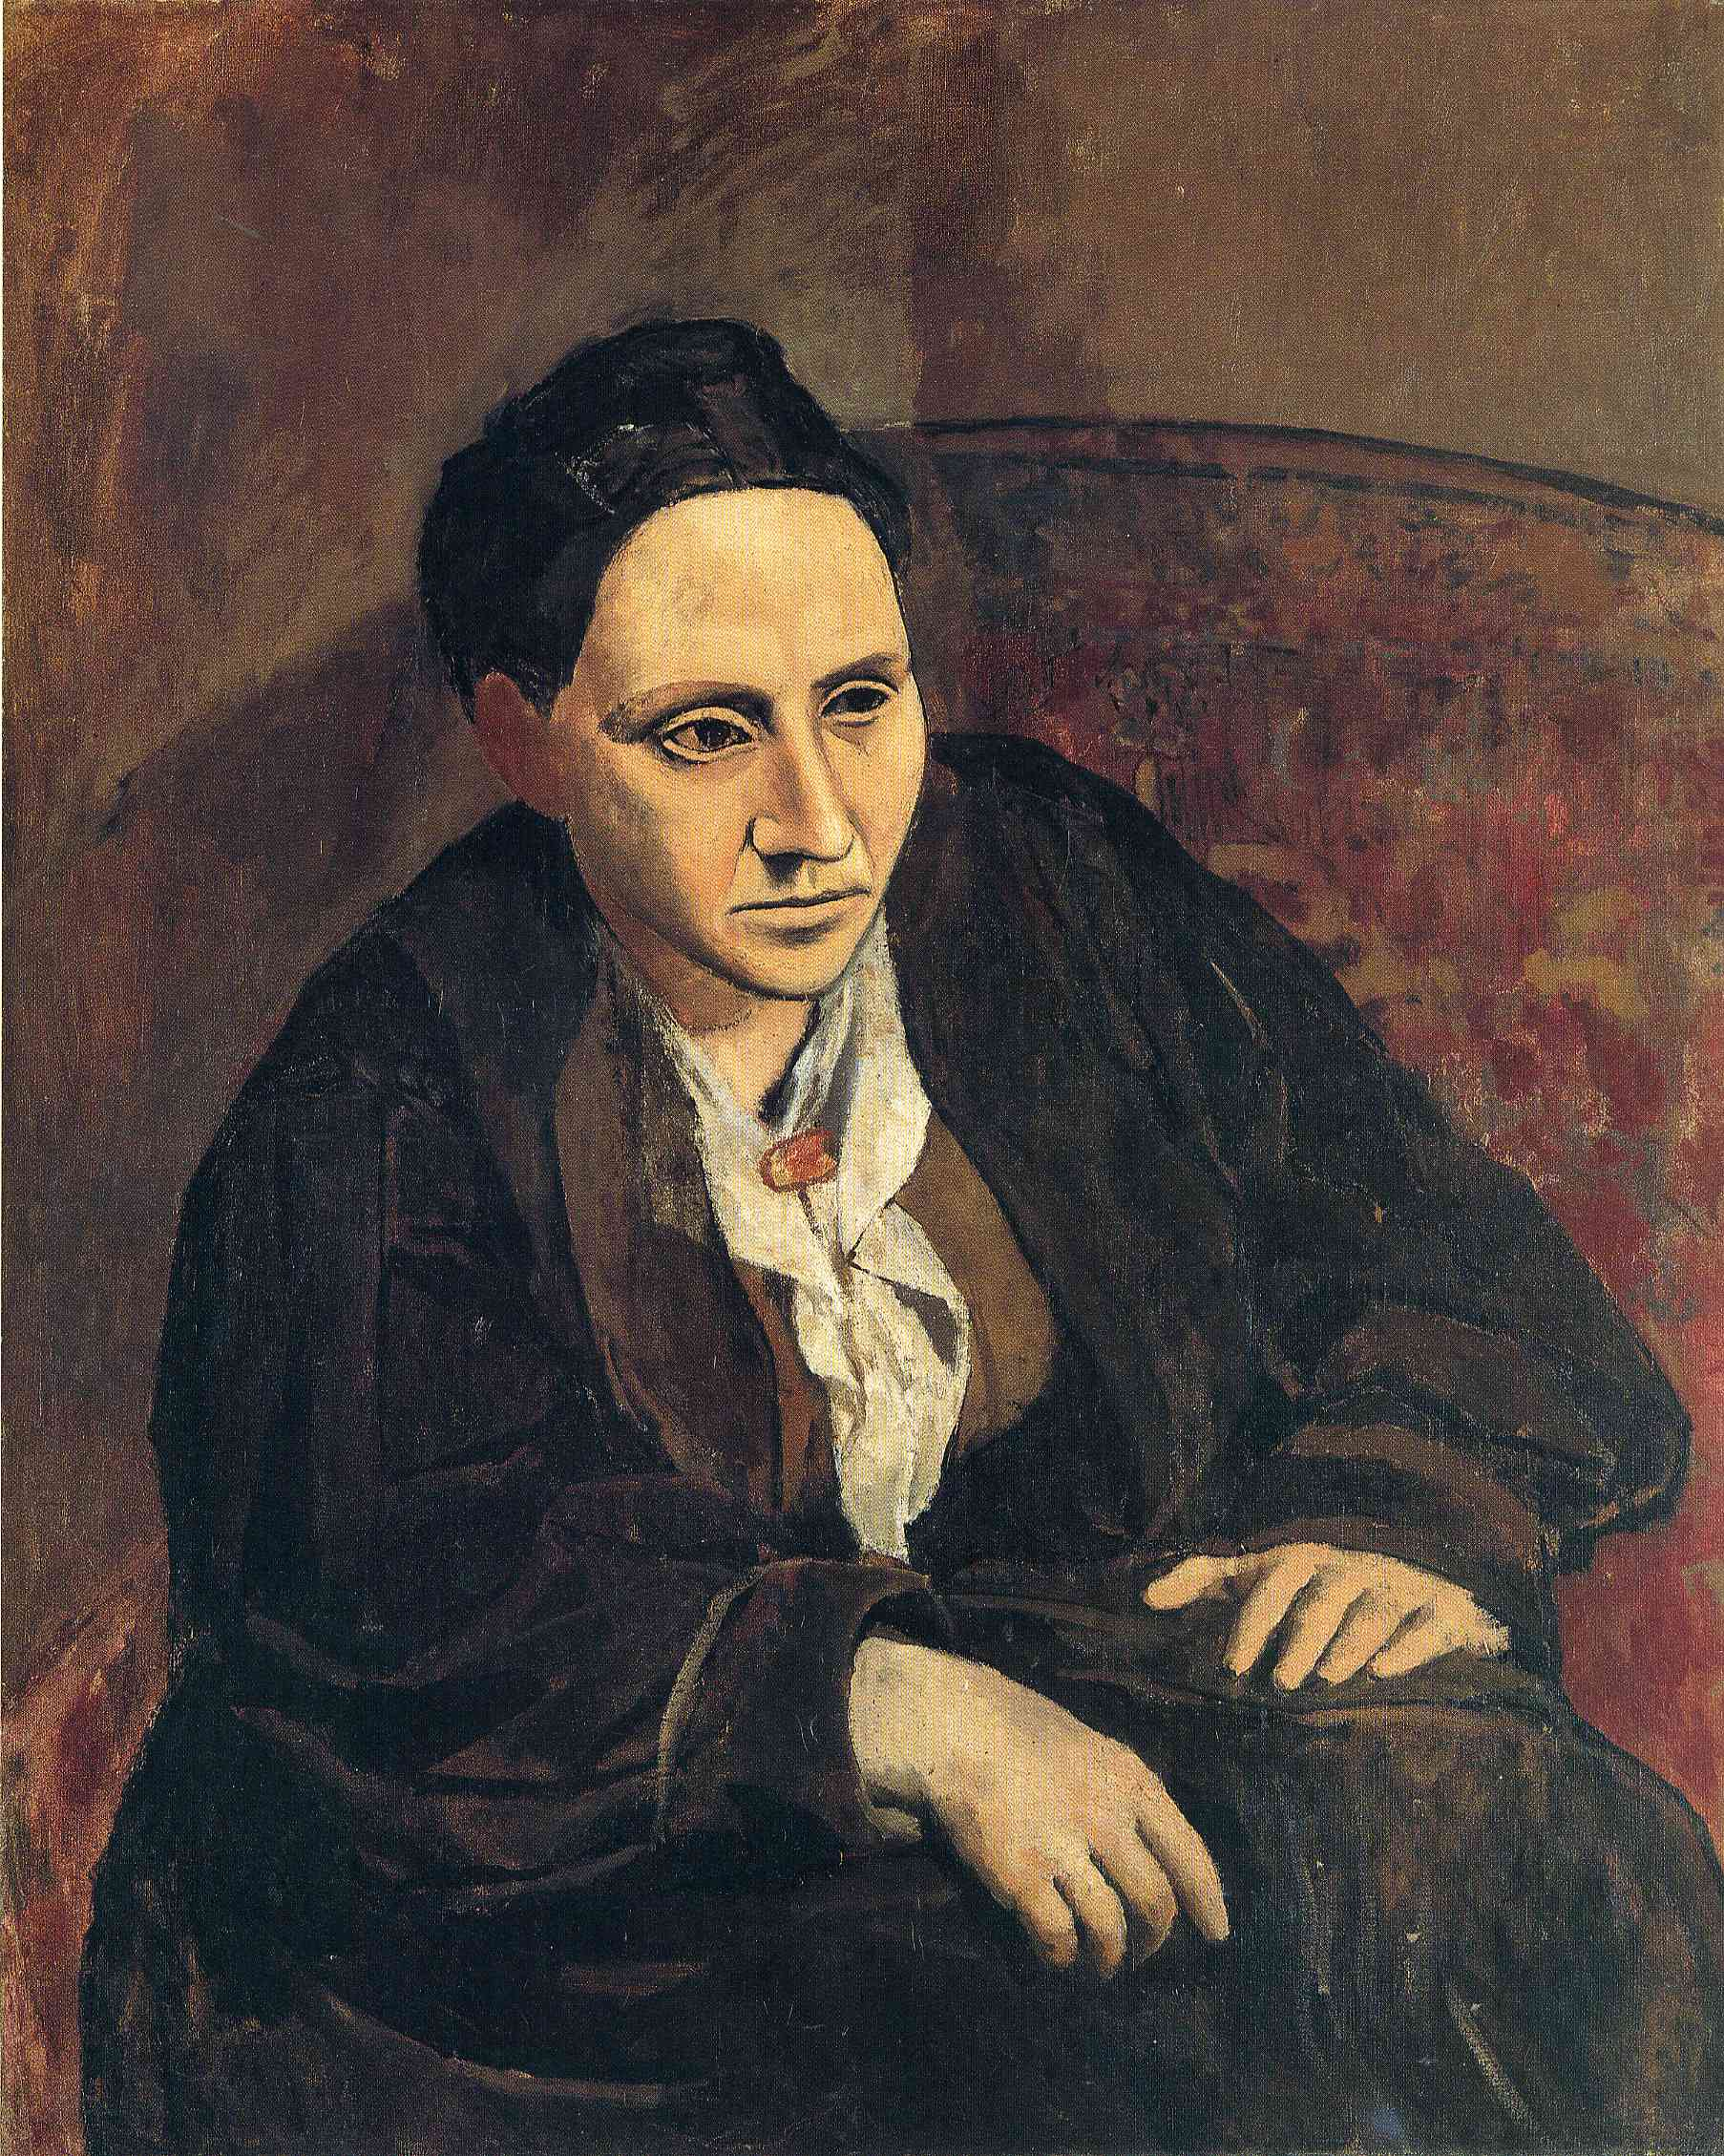 Portrait of gertrude stein portrait de gertrude stein